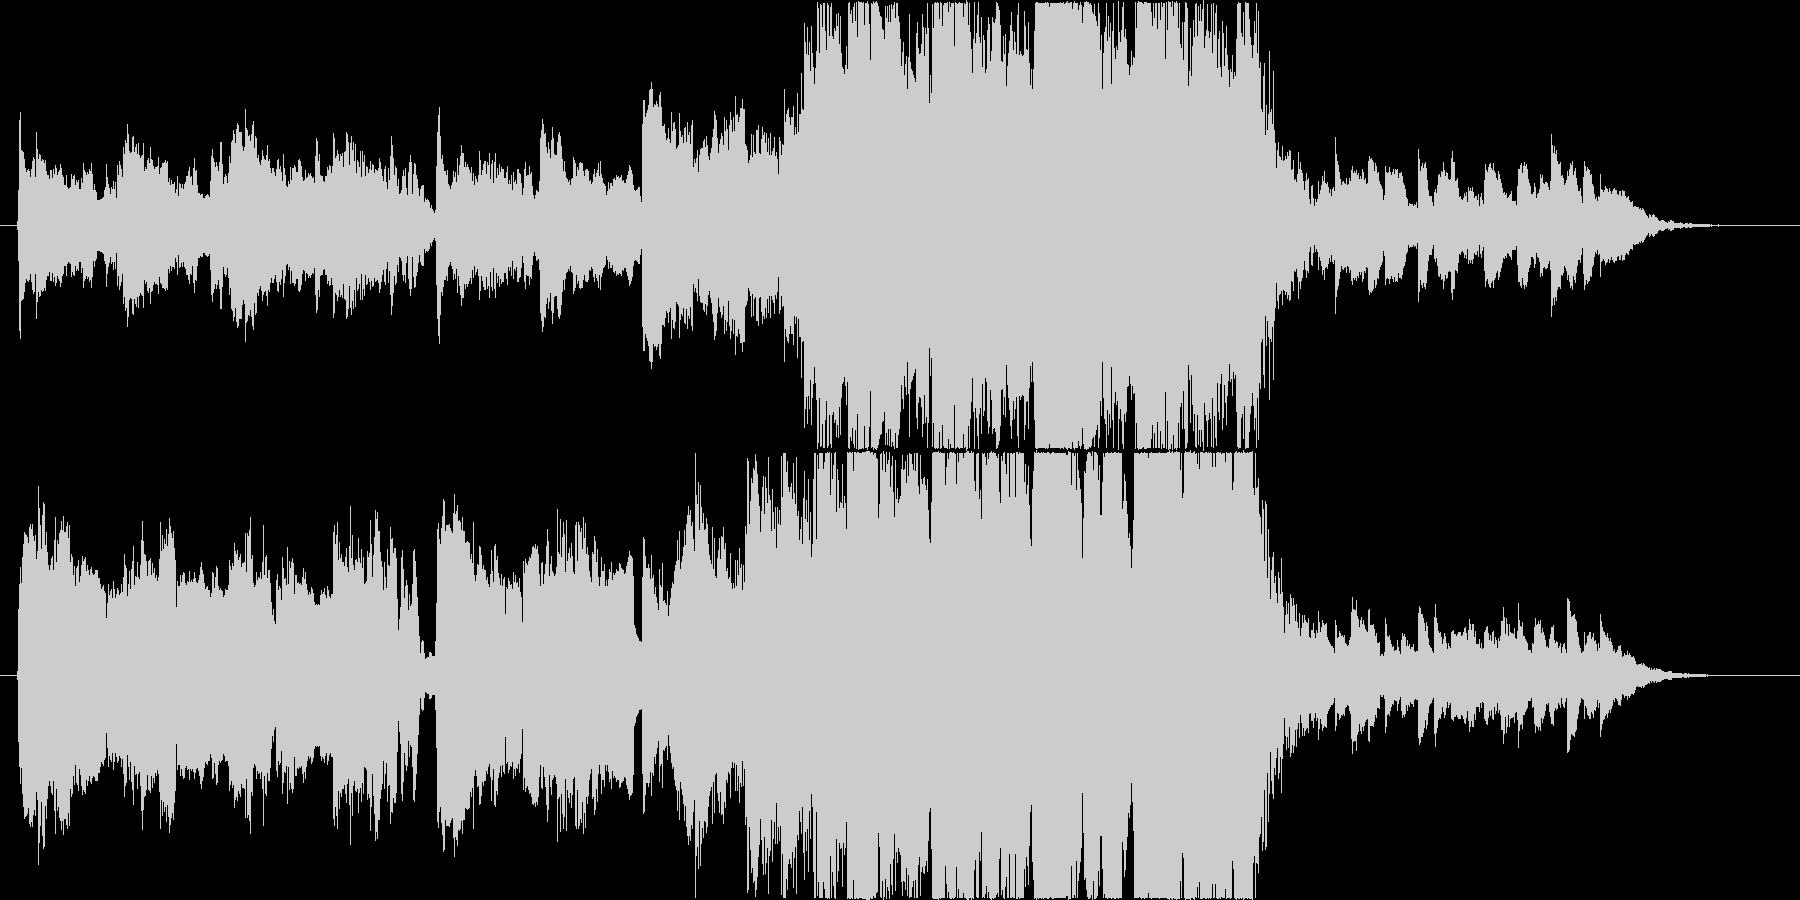 ハロウィンイメージの切なめな雰囲気の曲の未再生の波形